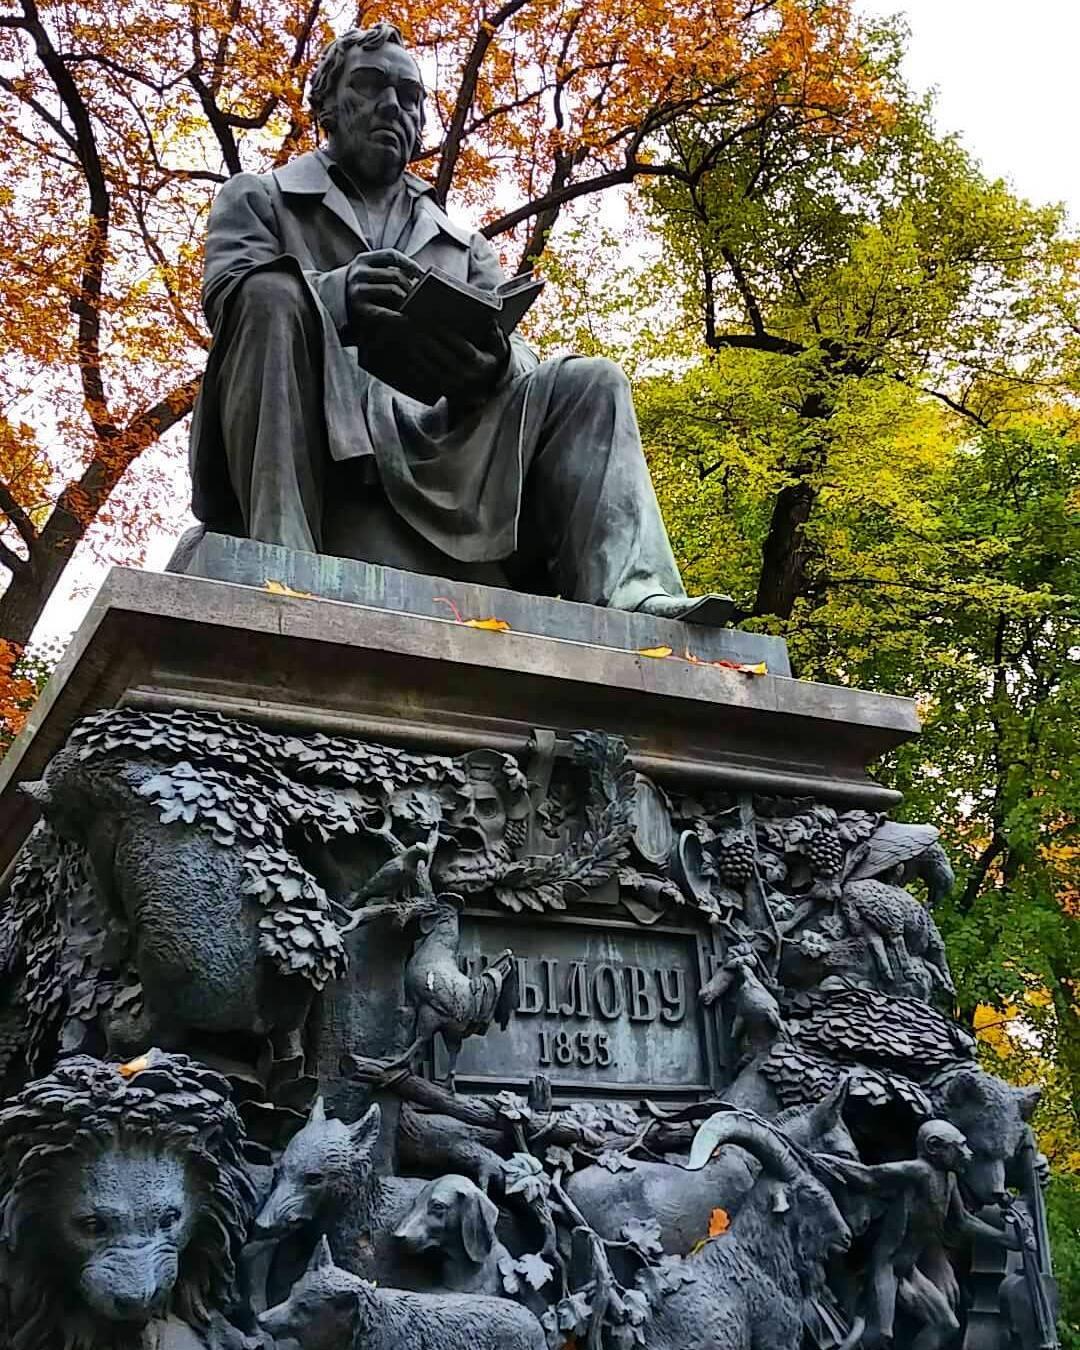 картинка памятника крылову в петербурге протяжении нескольких лет